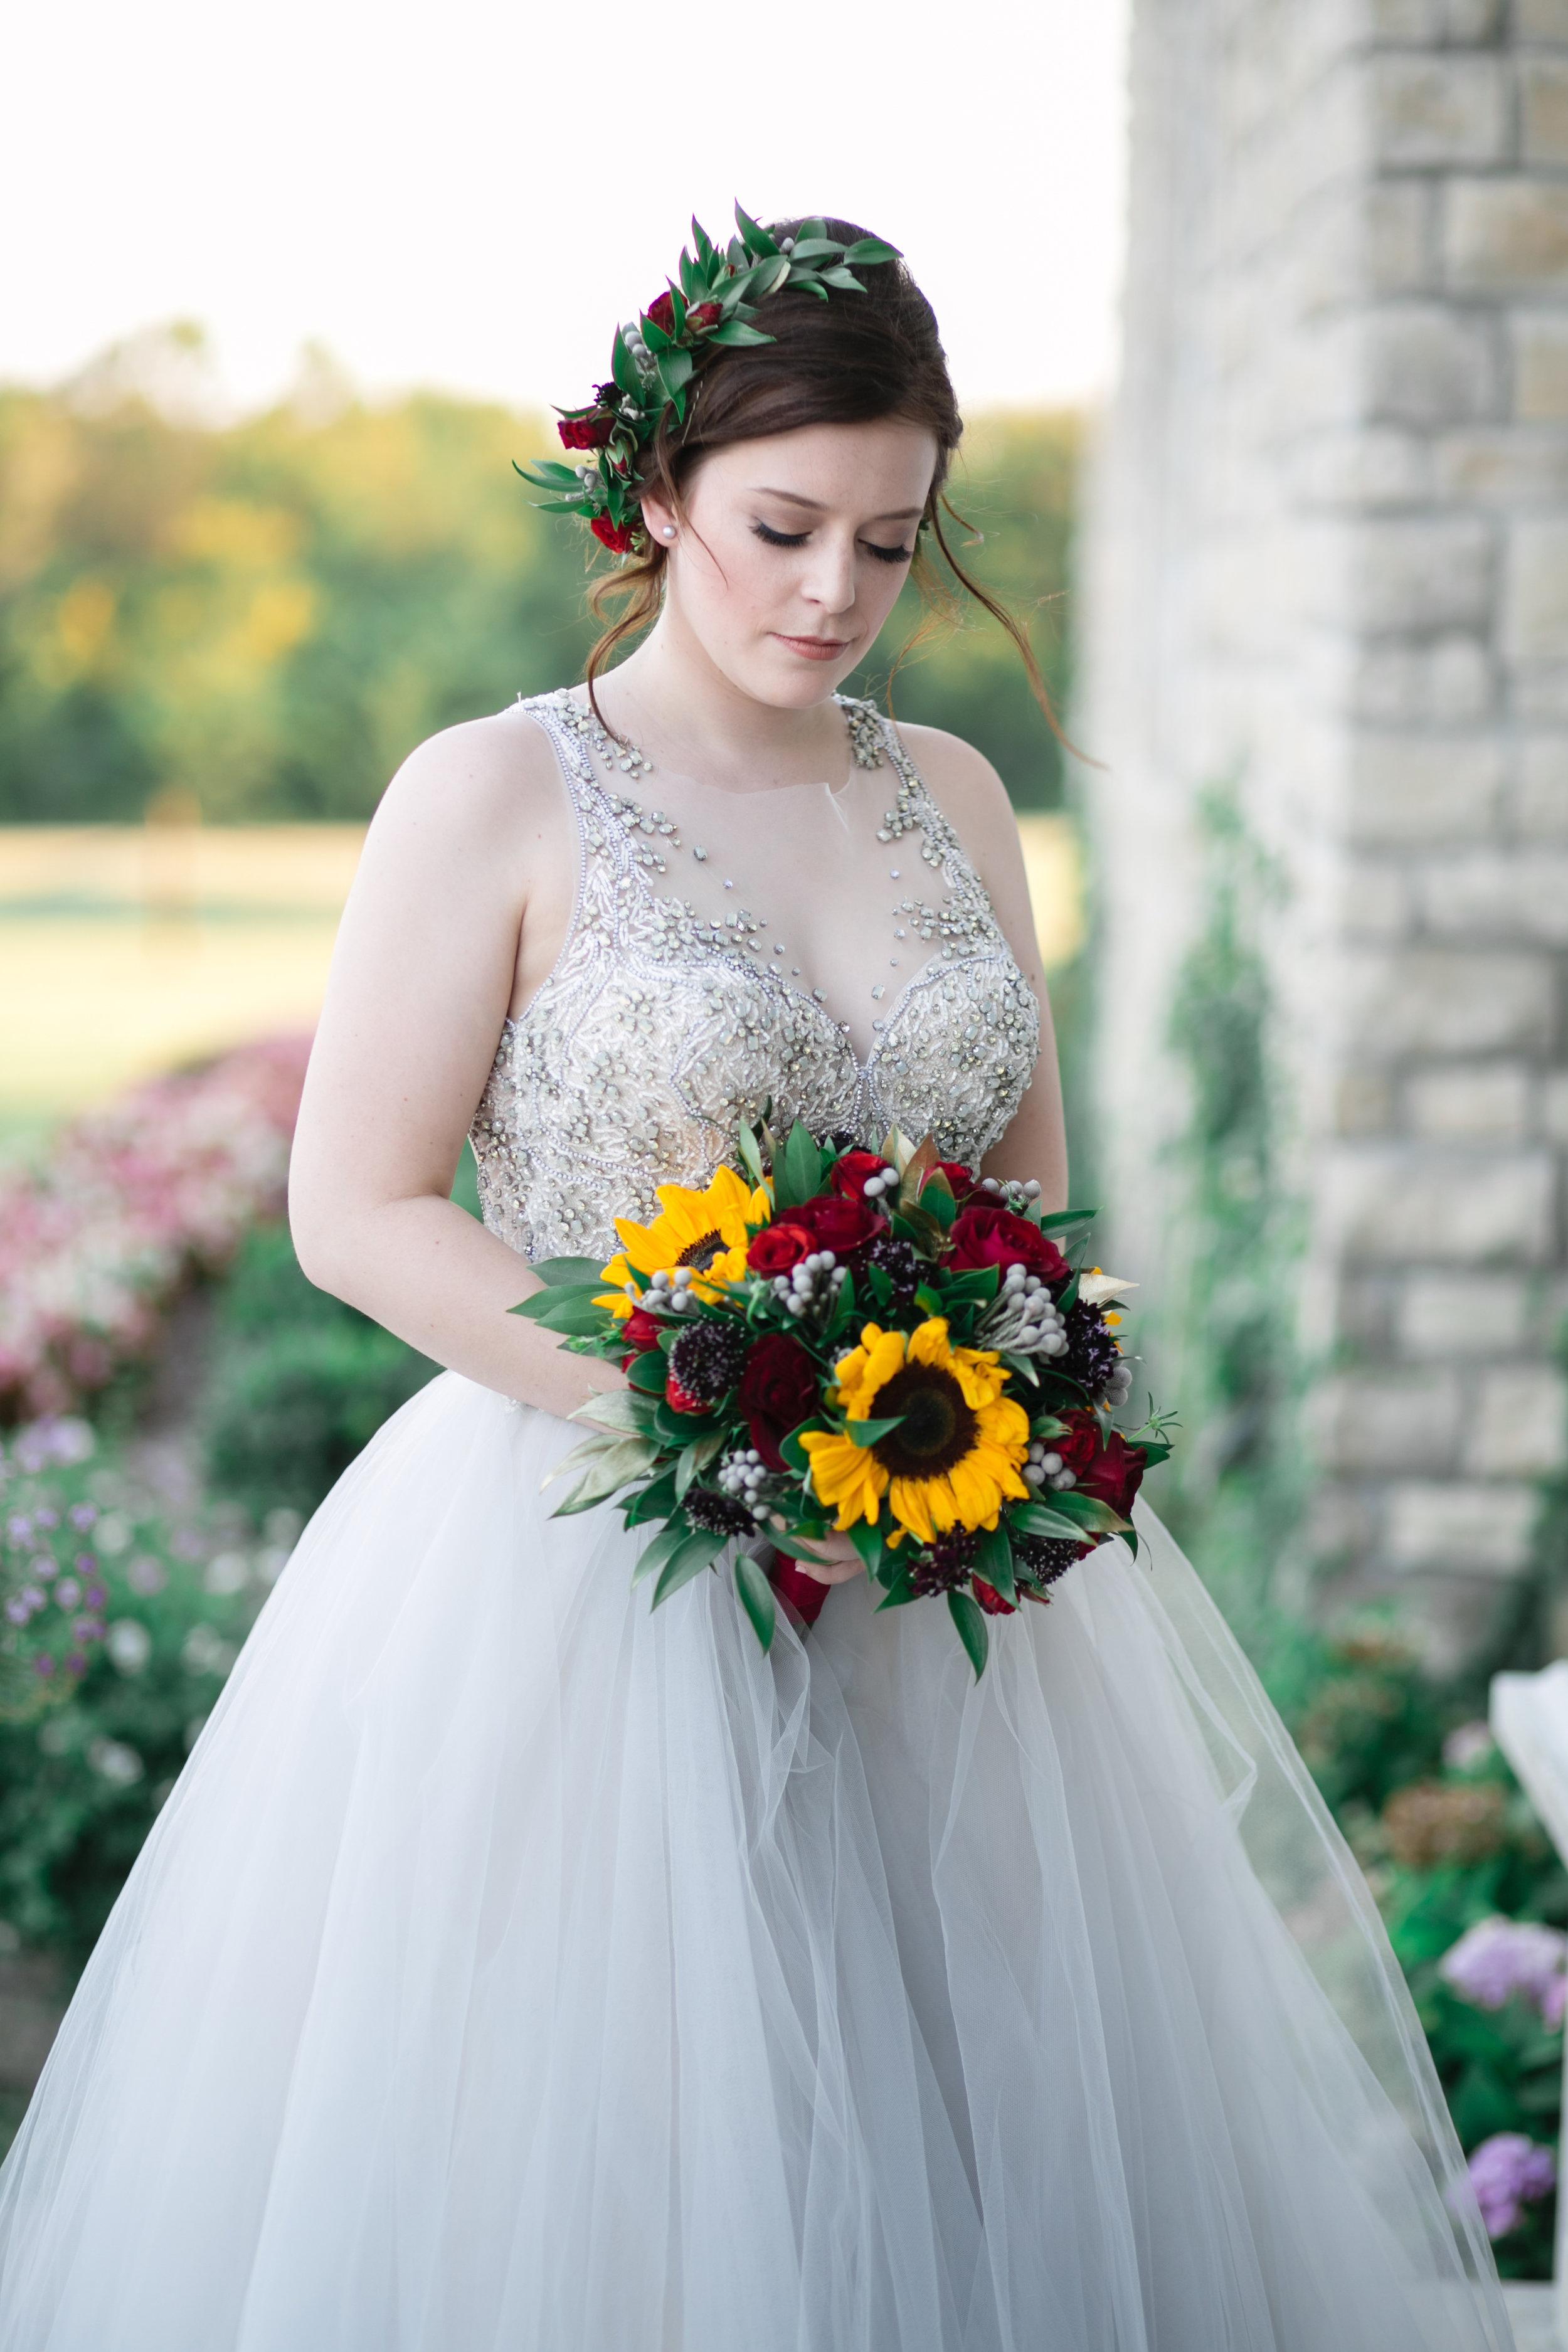 AnnaMarie-bridal-18.JPG